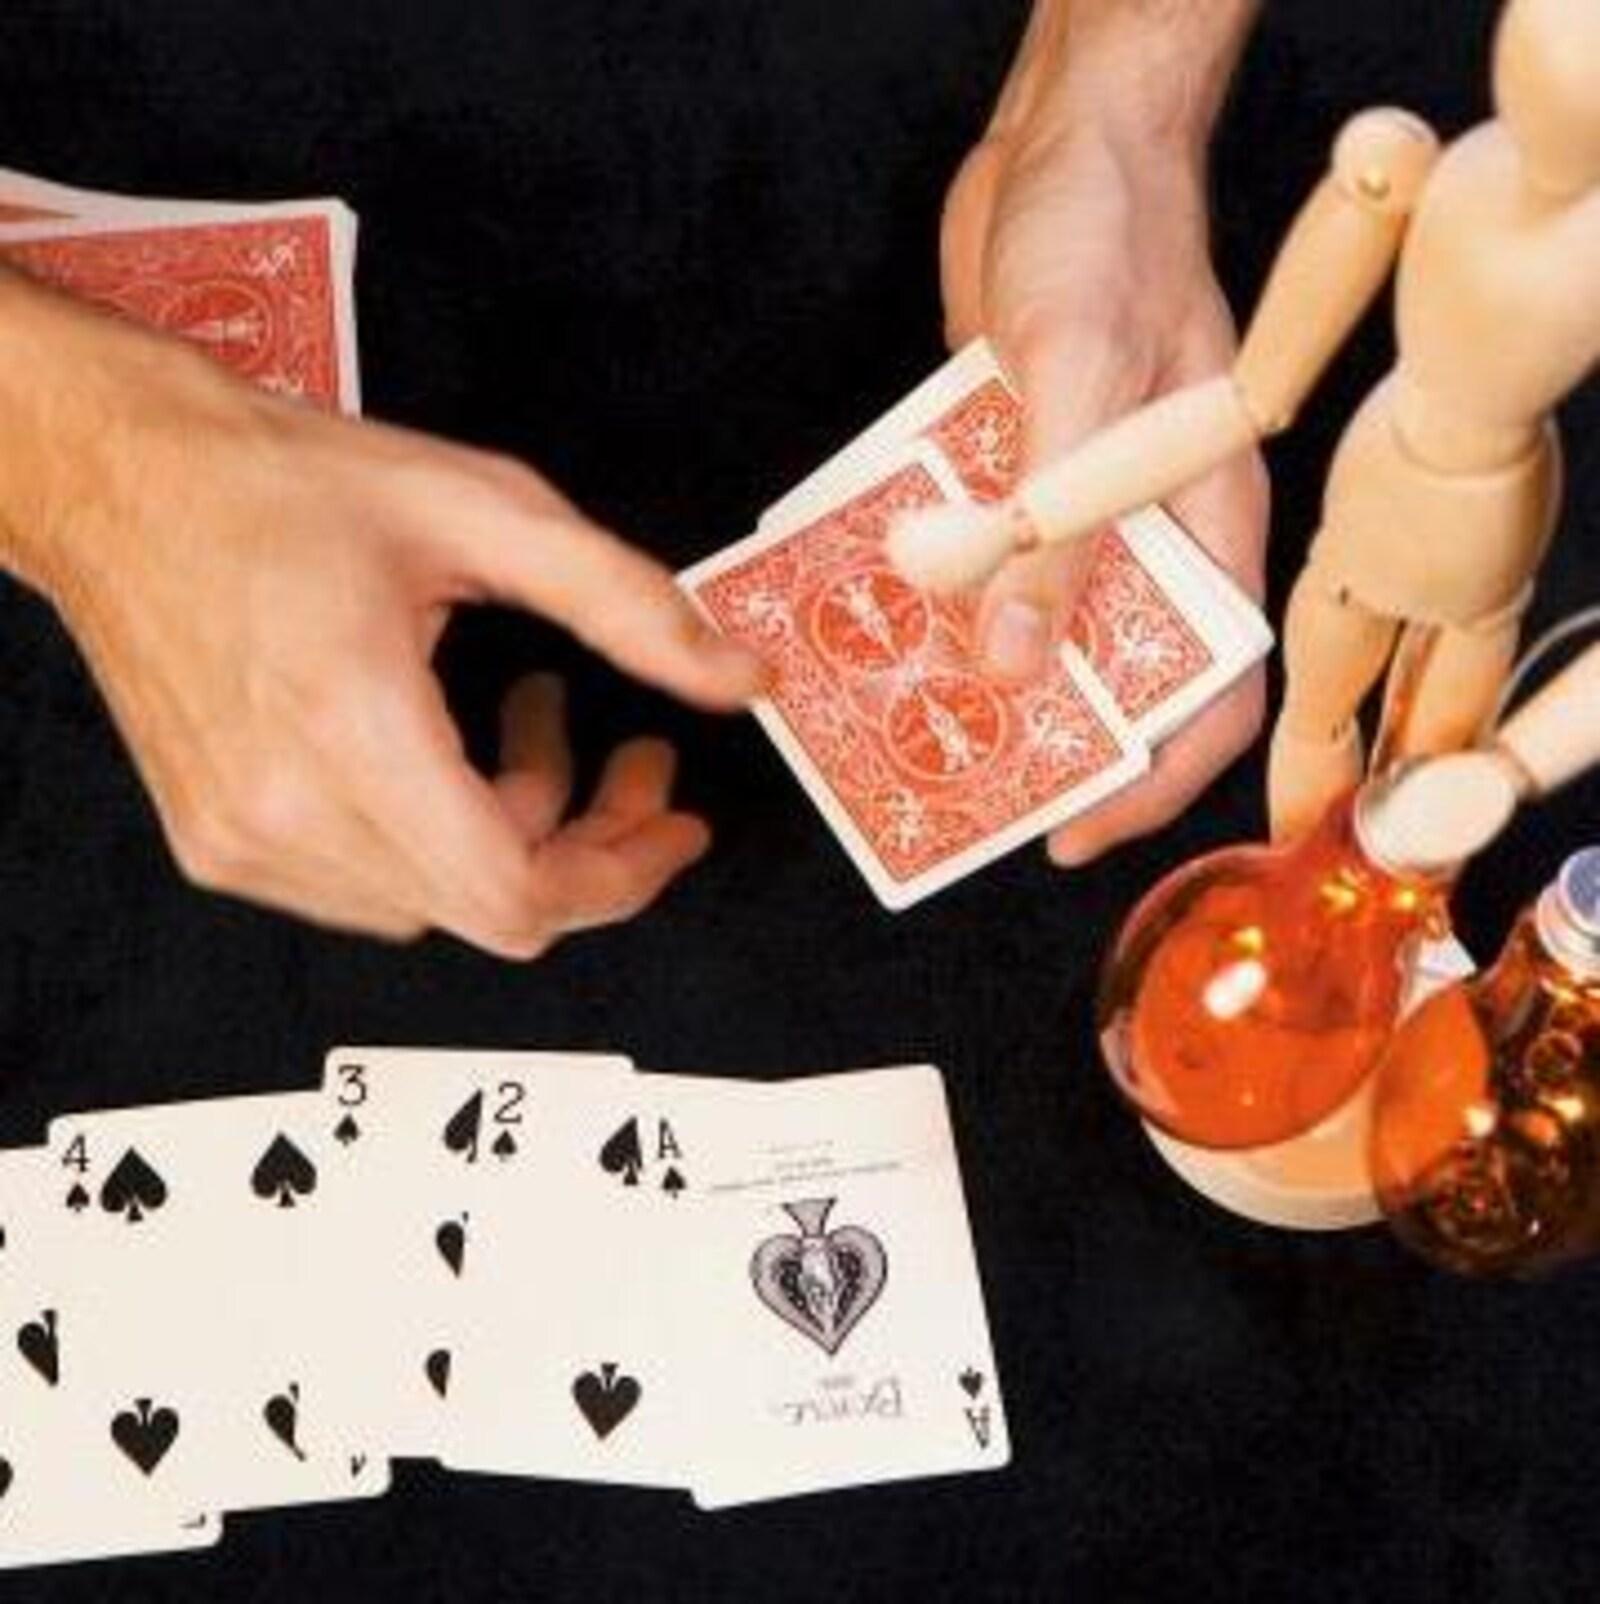 Il fait un tour de magie avec des cartes